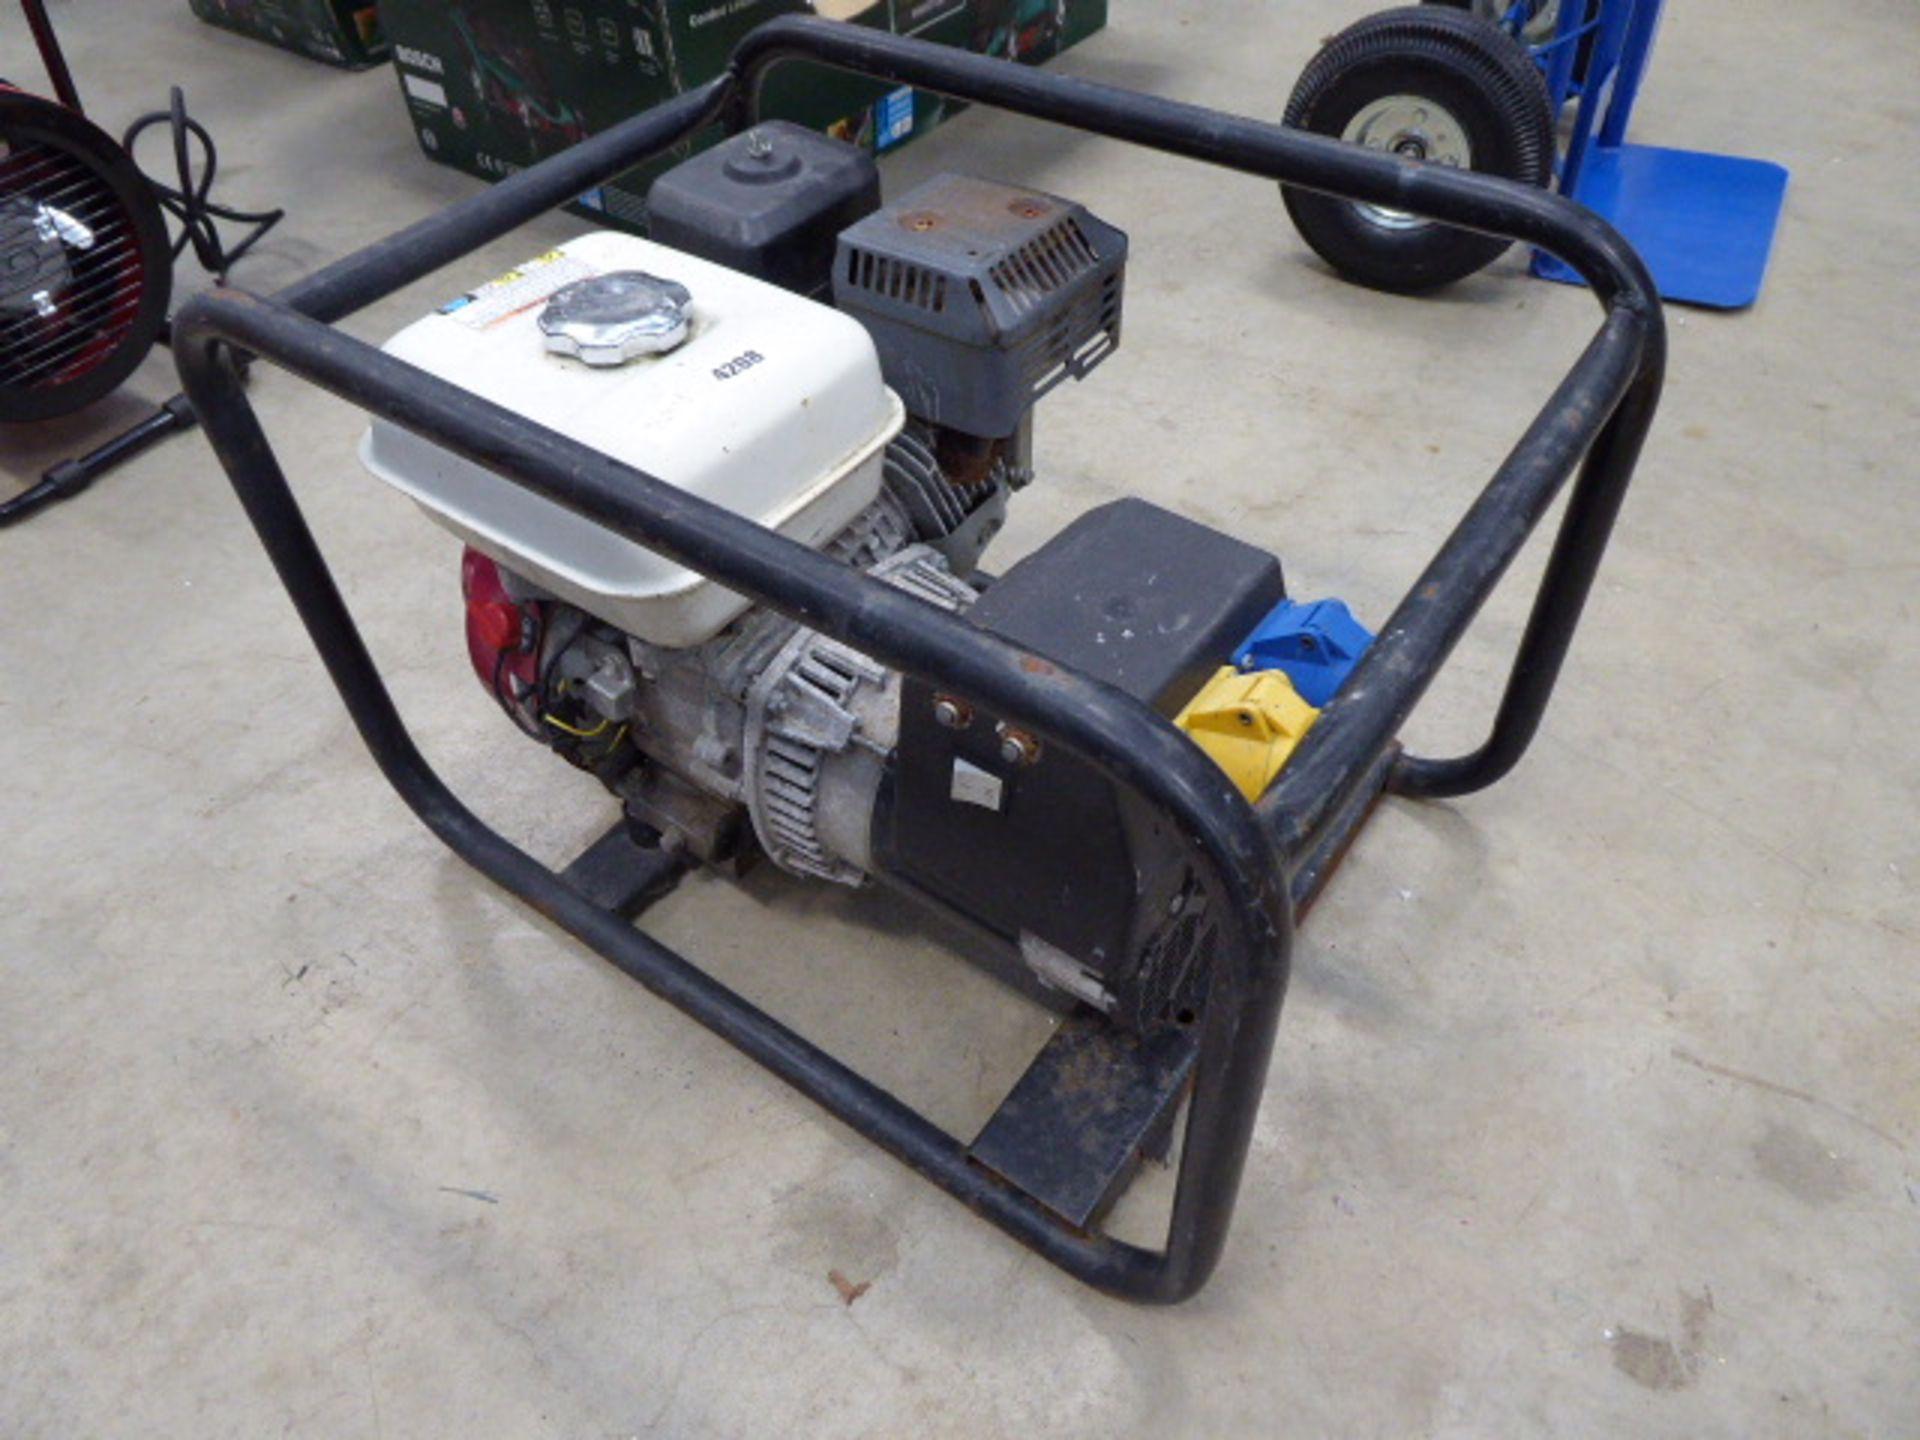 4242 - Petrol powered generator